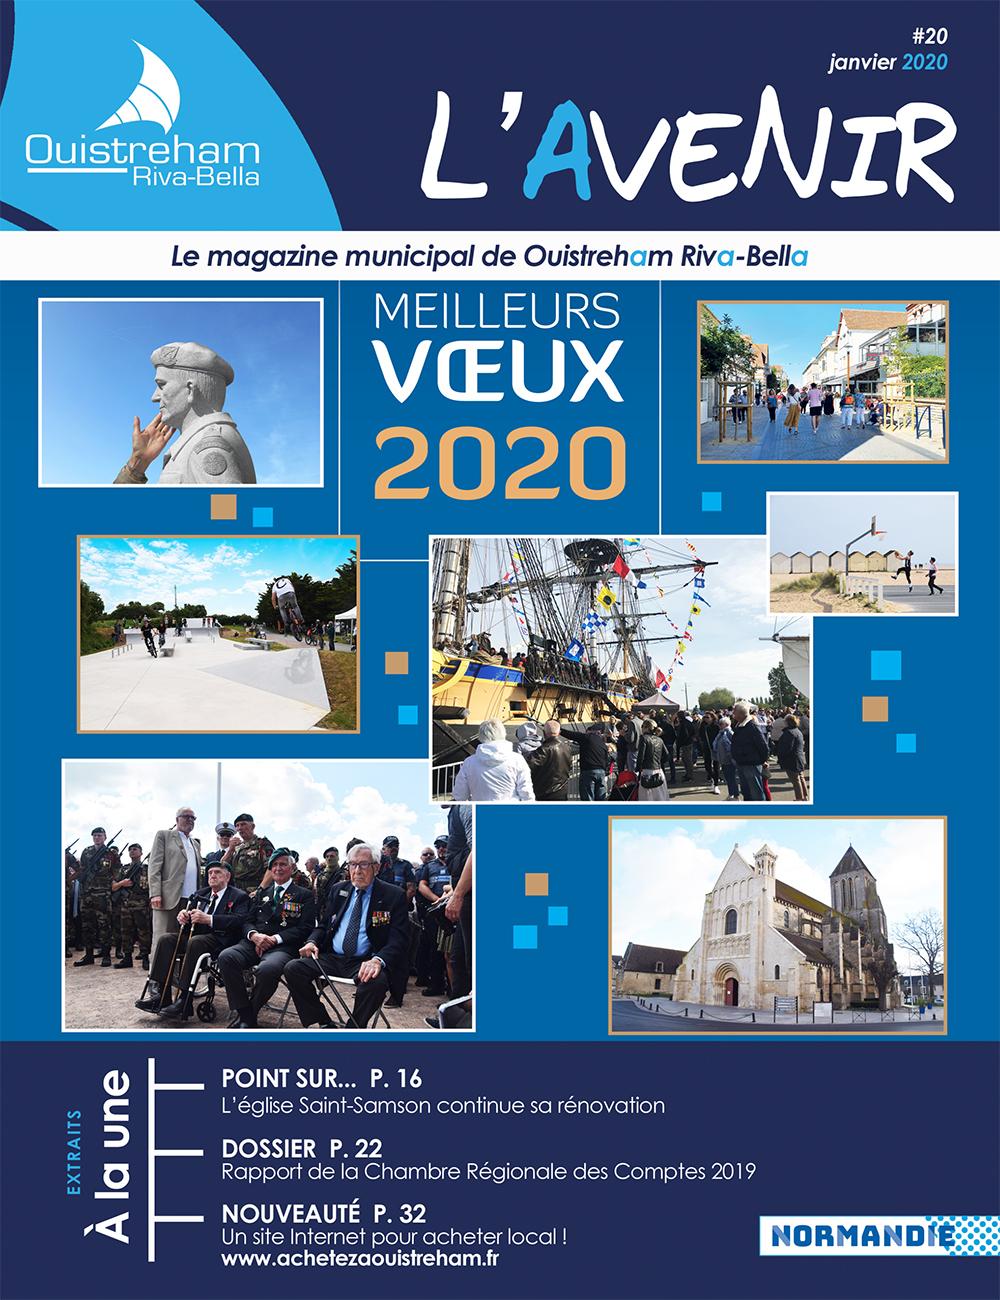 Magazine l'Avenir n°20 - janvier 2020